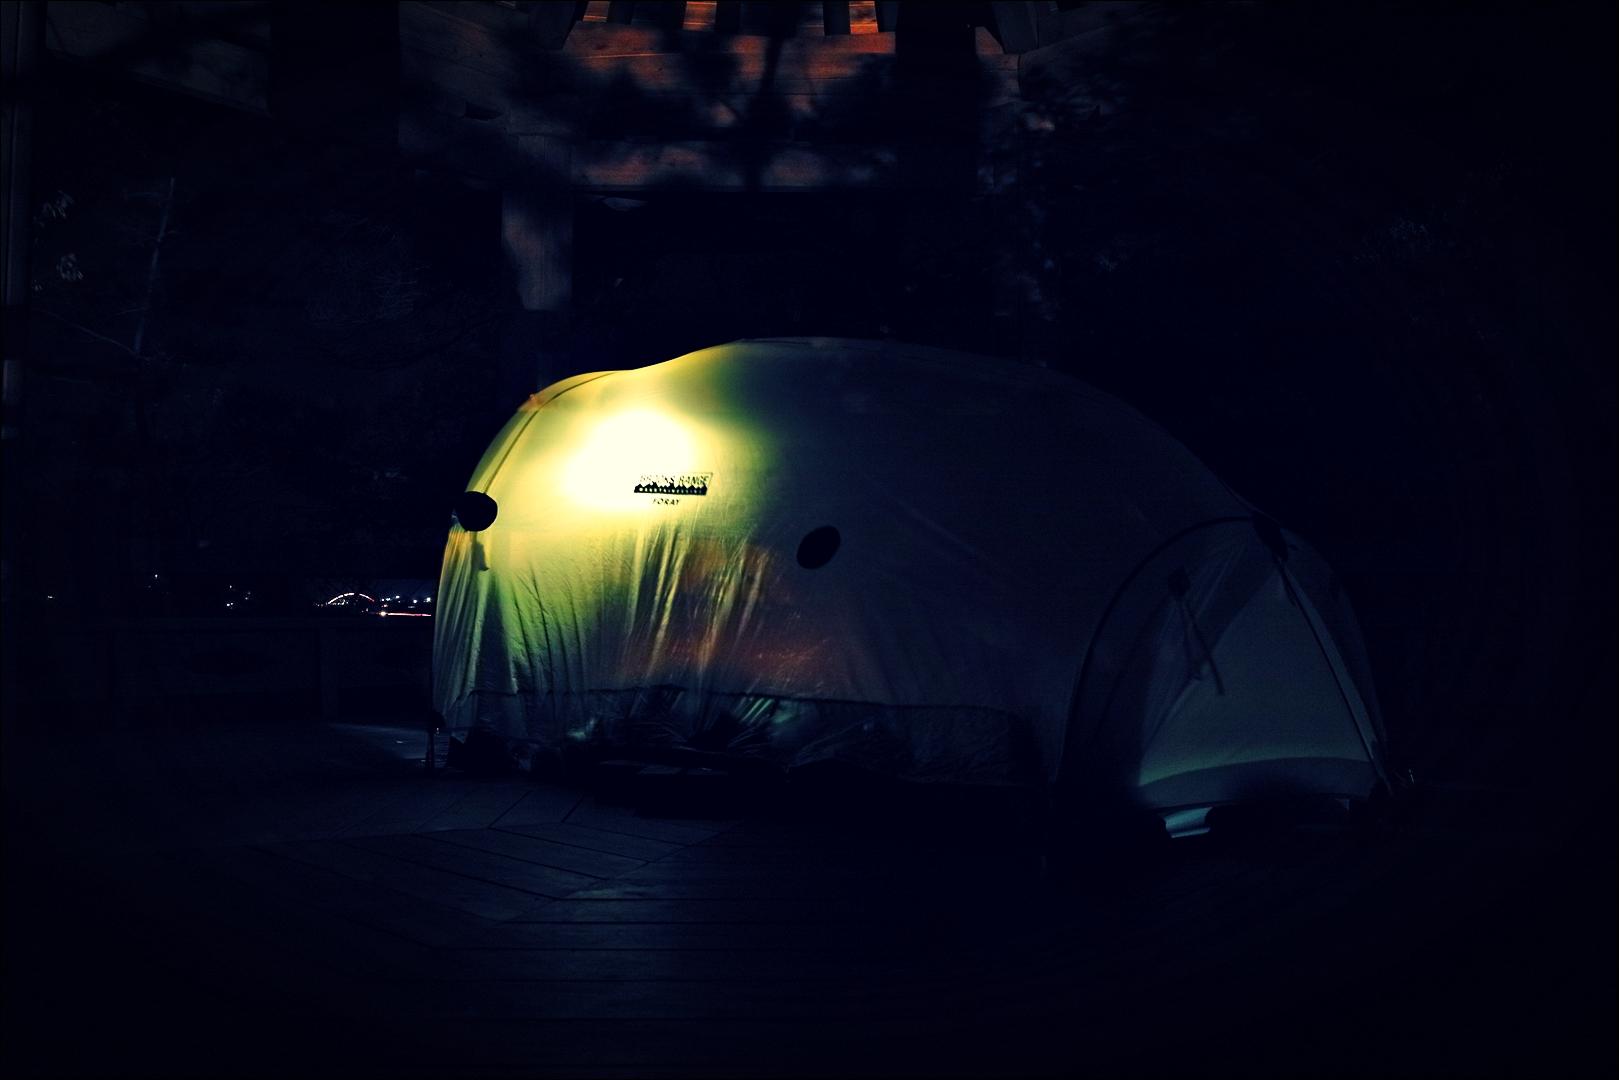 정자 위 텐트-'섬진강 자전거 여행'